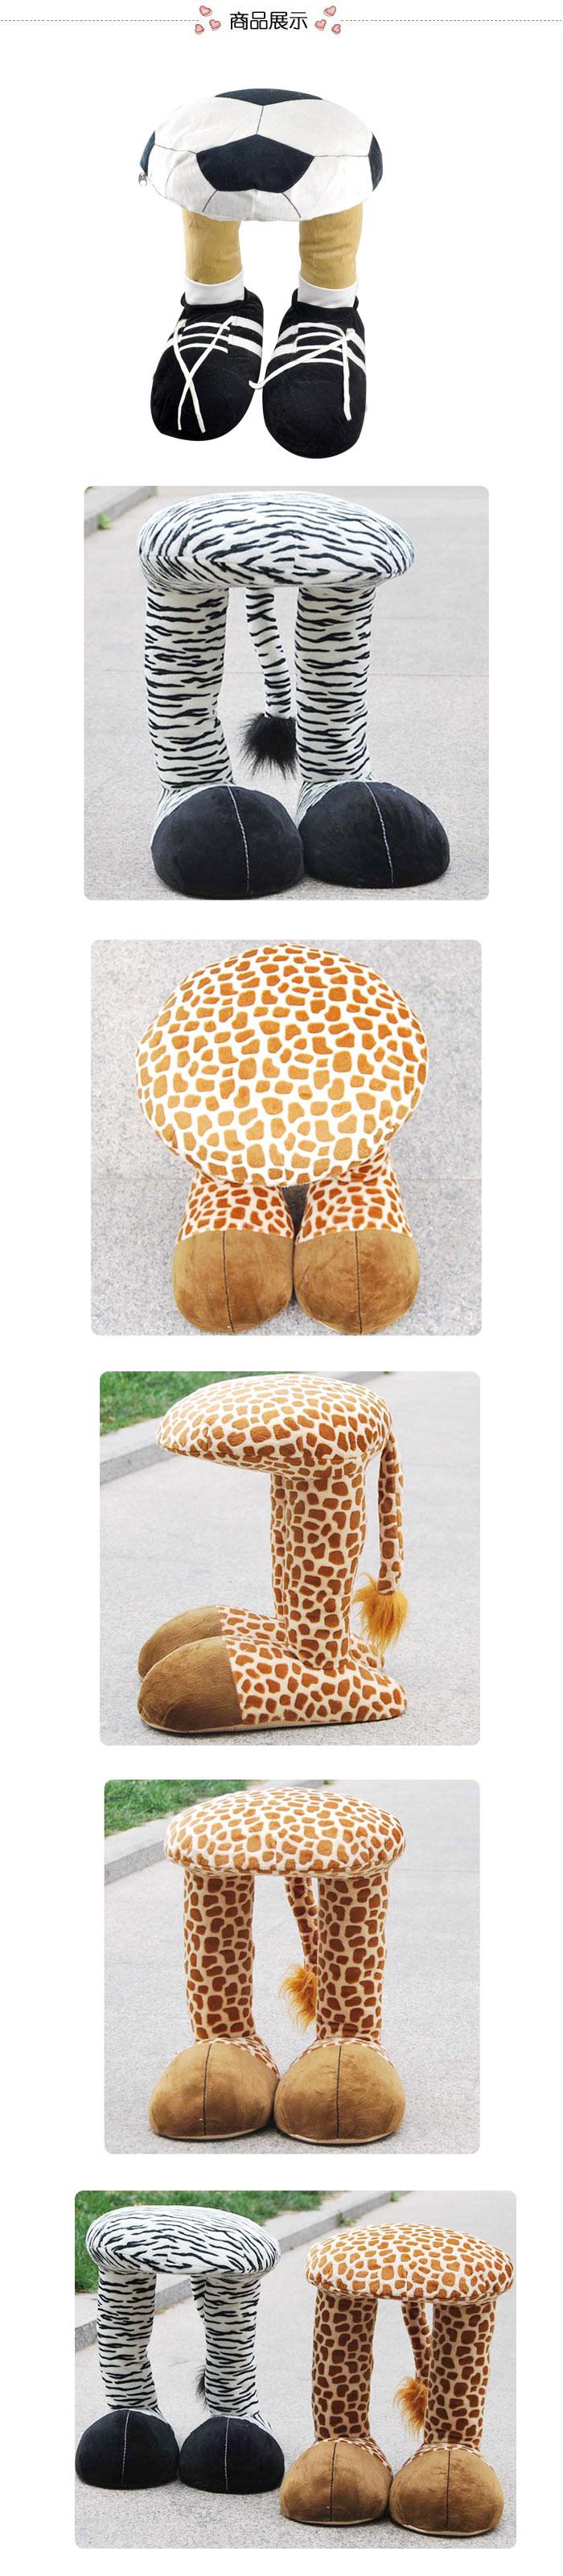 【【创意奇特】动物折叠小凳子/换鞋凳